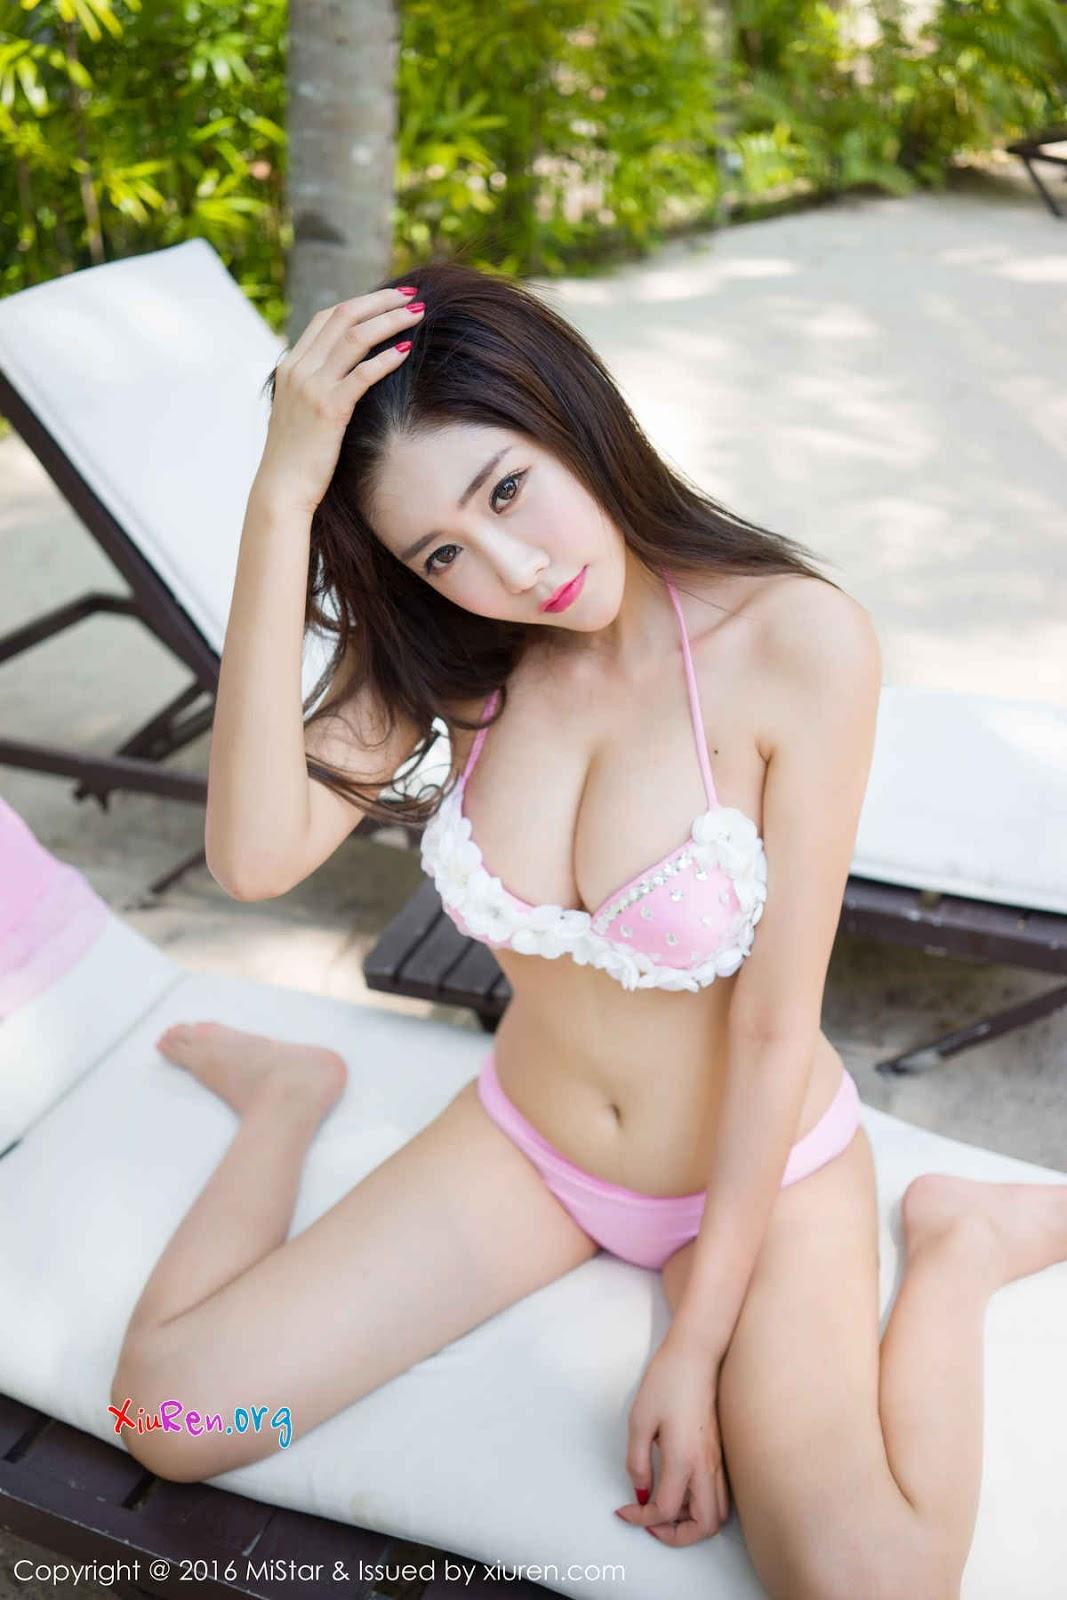 Gái xinh với đồ lót hồng phơi dáng ngoài bãi biển|raw